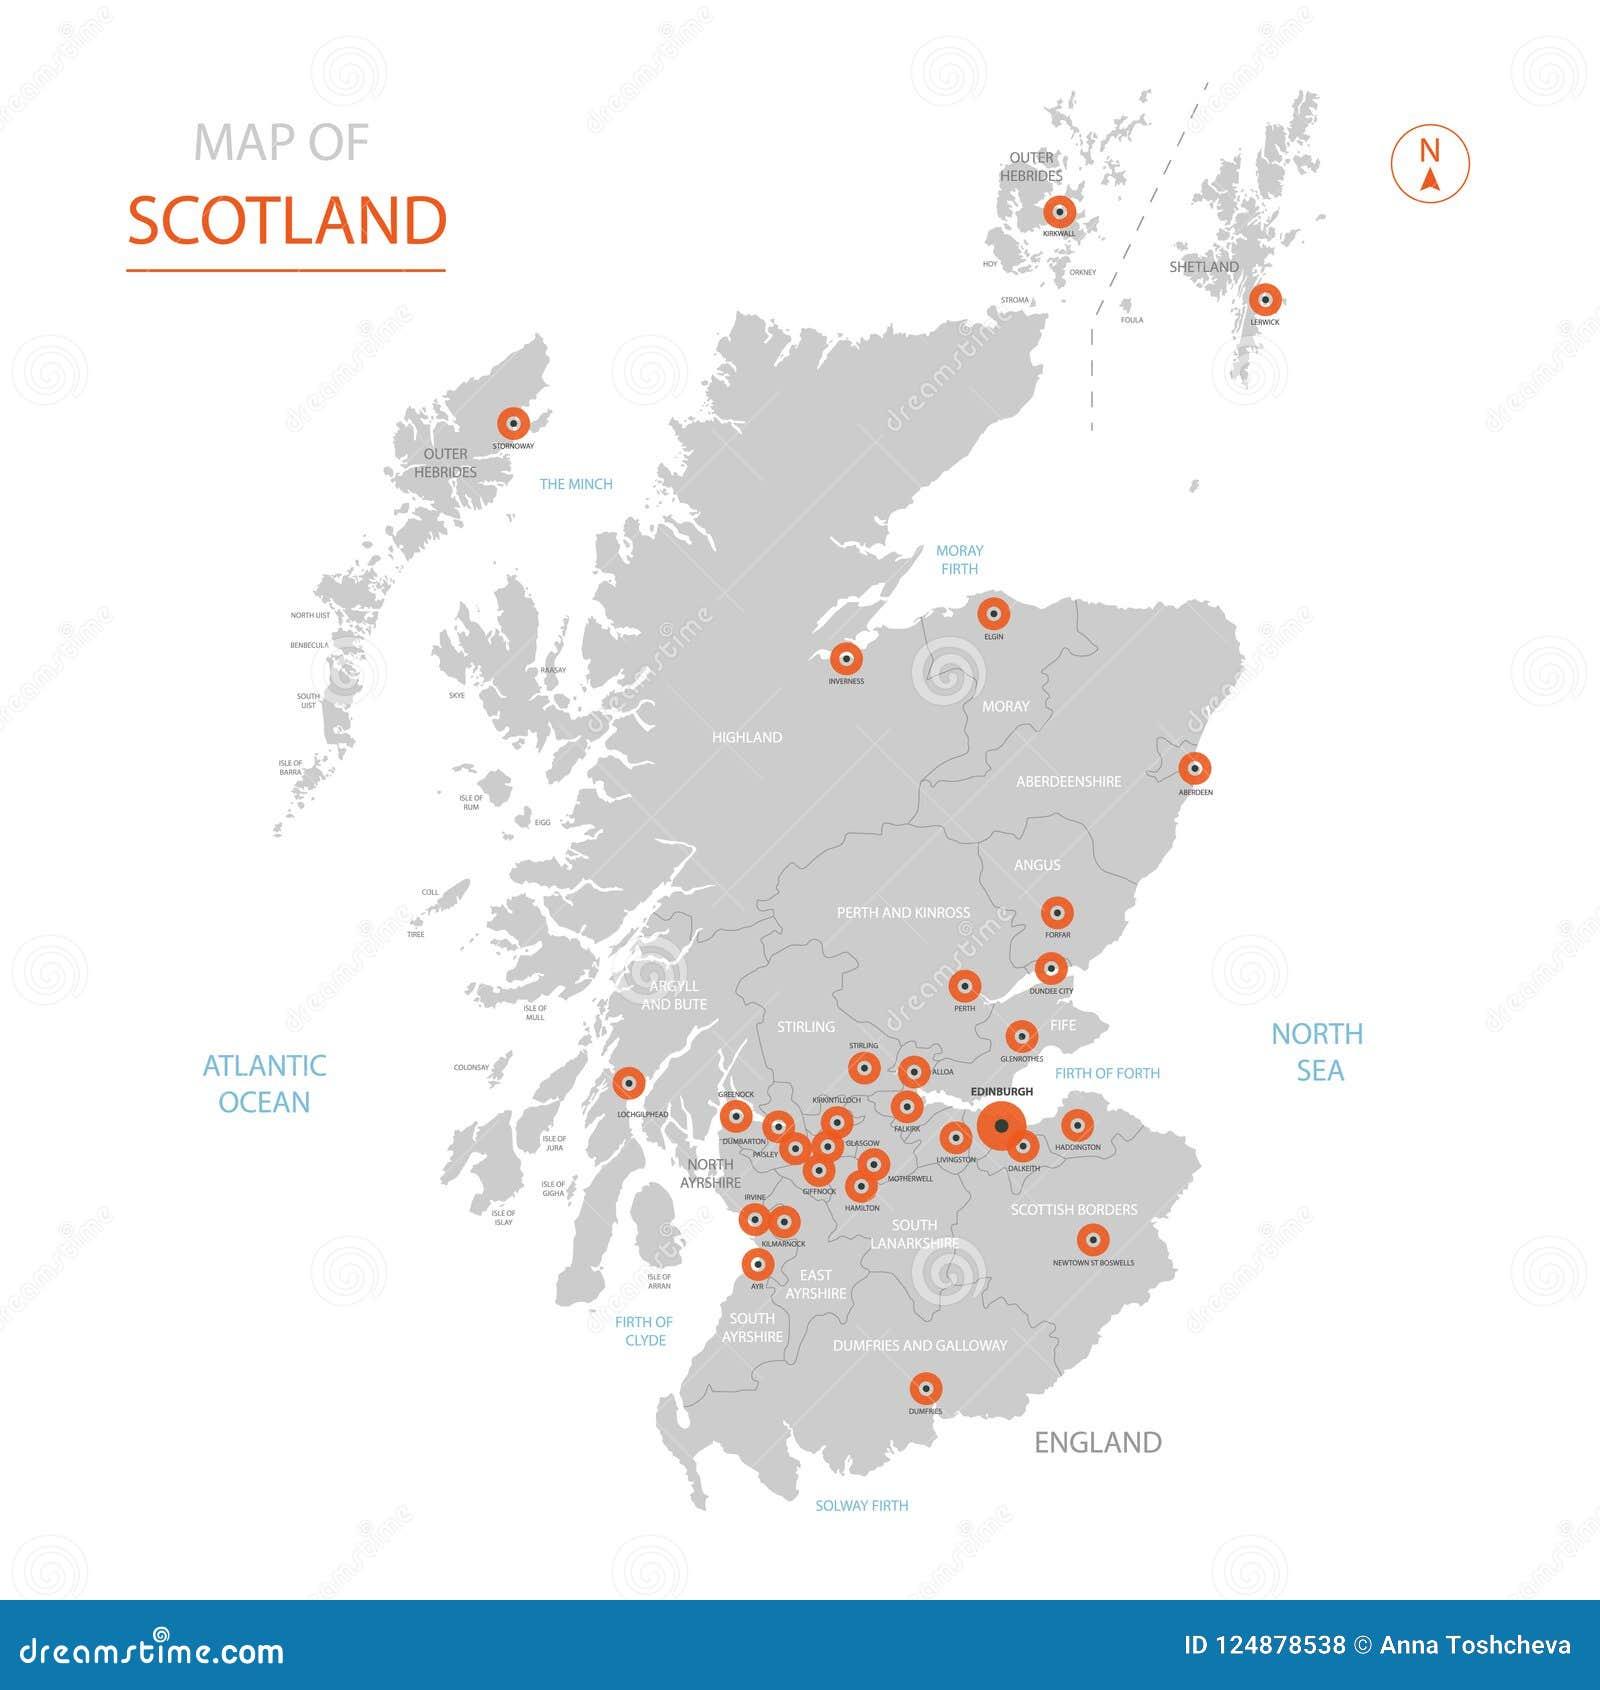 Cartina Geografica Della Scozia.Mappa Della Scozia Con Le Divisioni Amministrative Illustrazione Vettoriale Illustrazione Di Geografico Politico 124878538